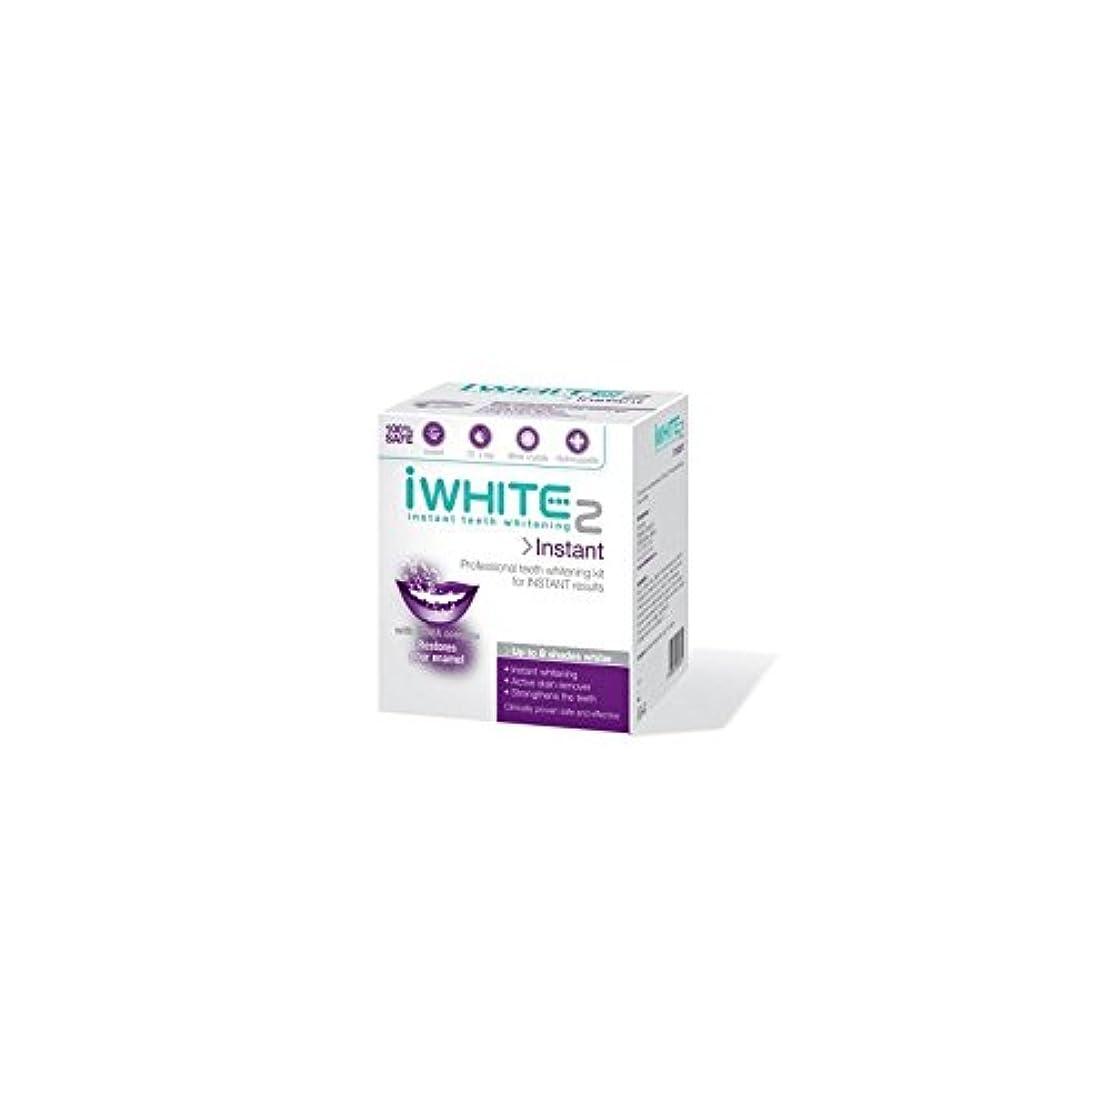 等しい権利を与える祭りインスタントキットを白く2本のプロ歯(10トレイ) x2 - iWhite Instant 2 Professional Teeth Whitening Kit (10 Trays) (Pack of 2) [並行輸入品]